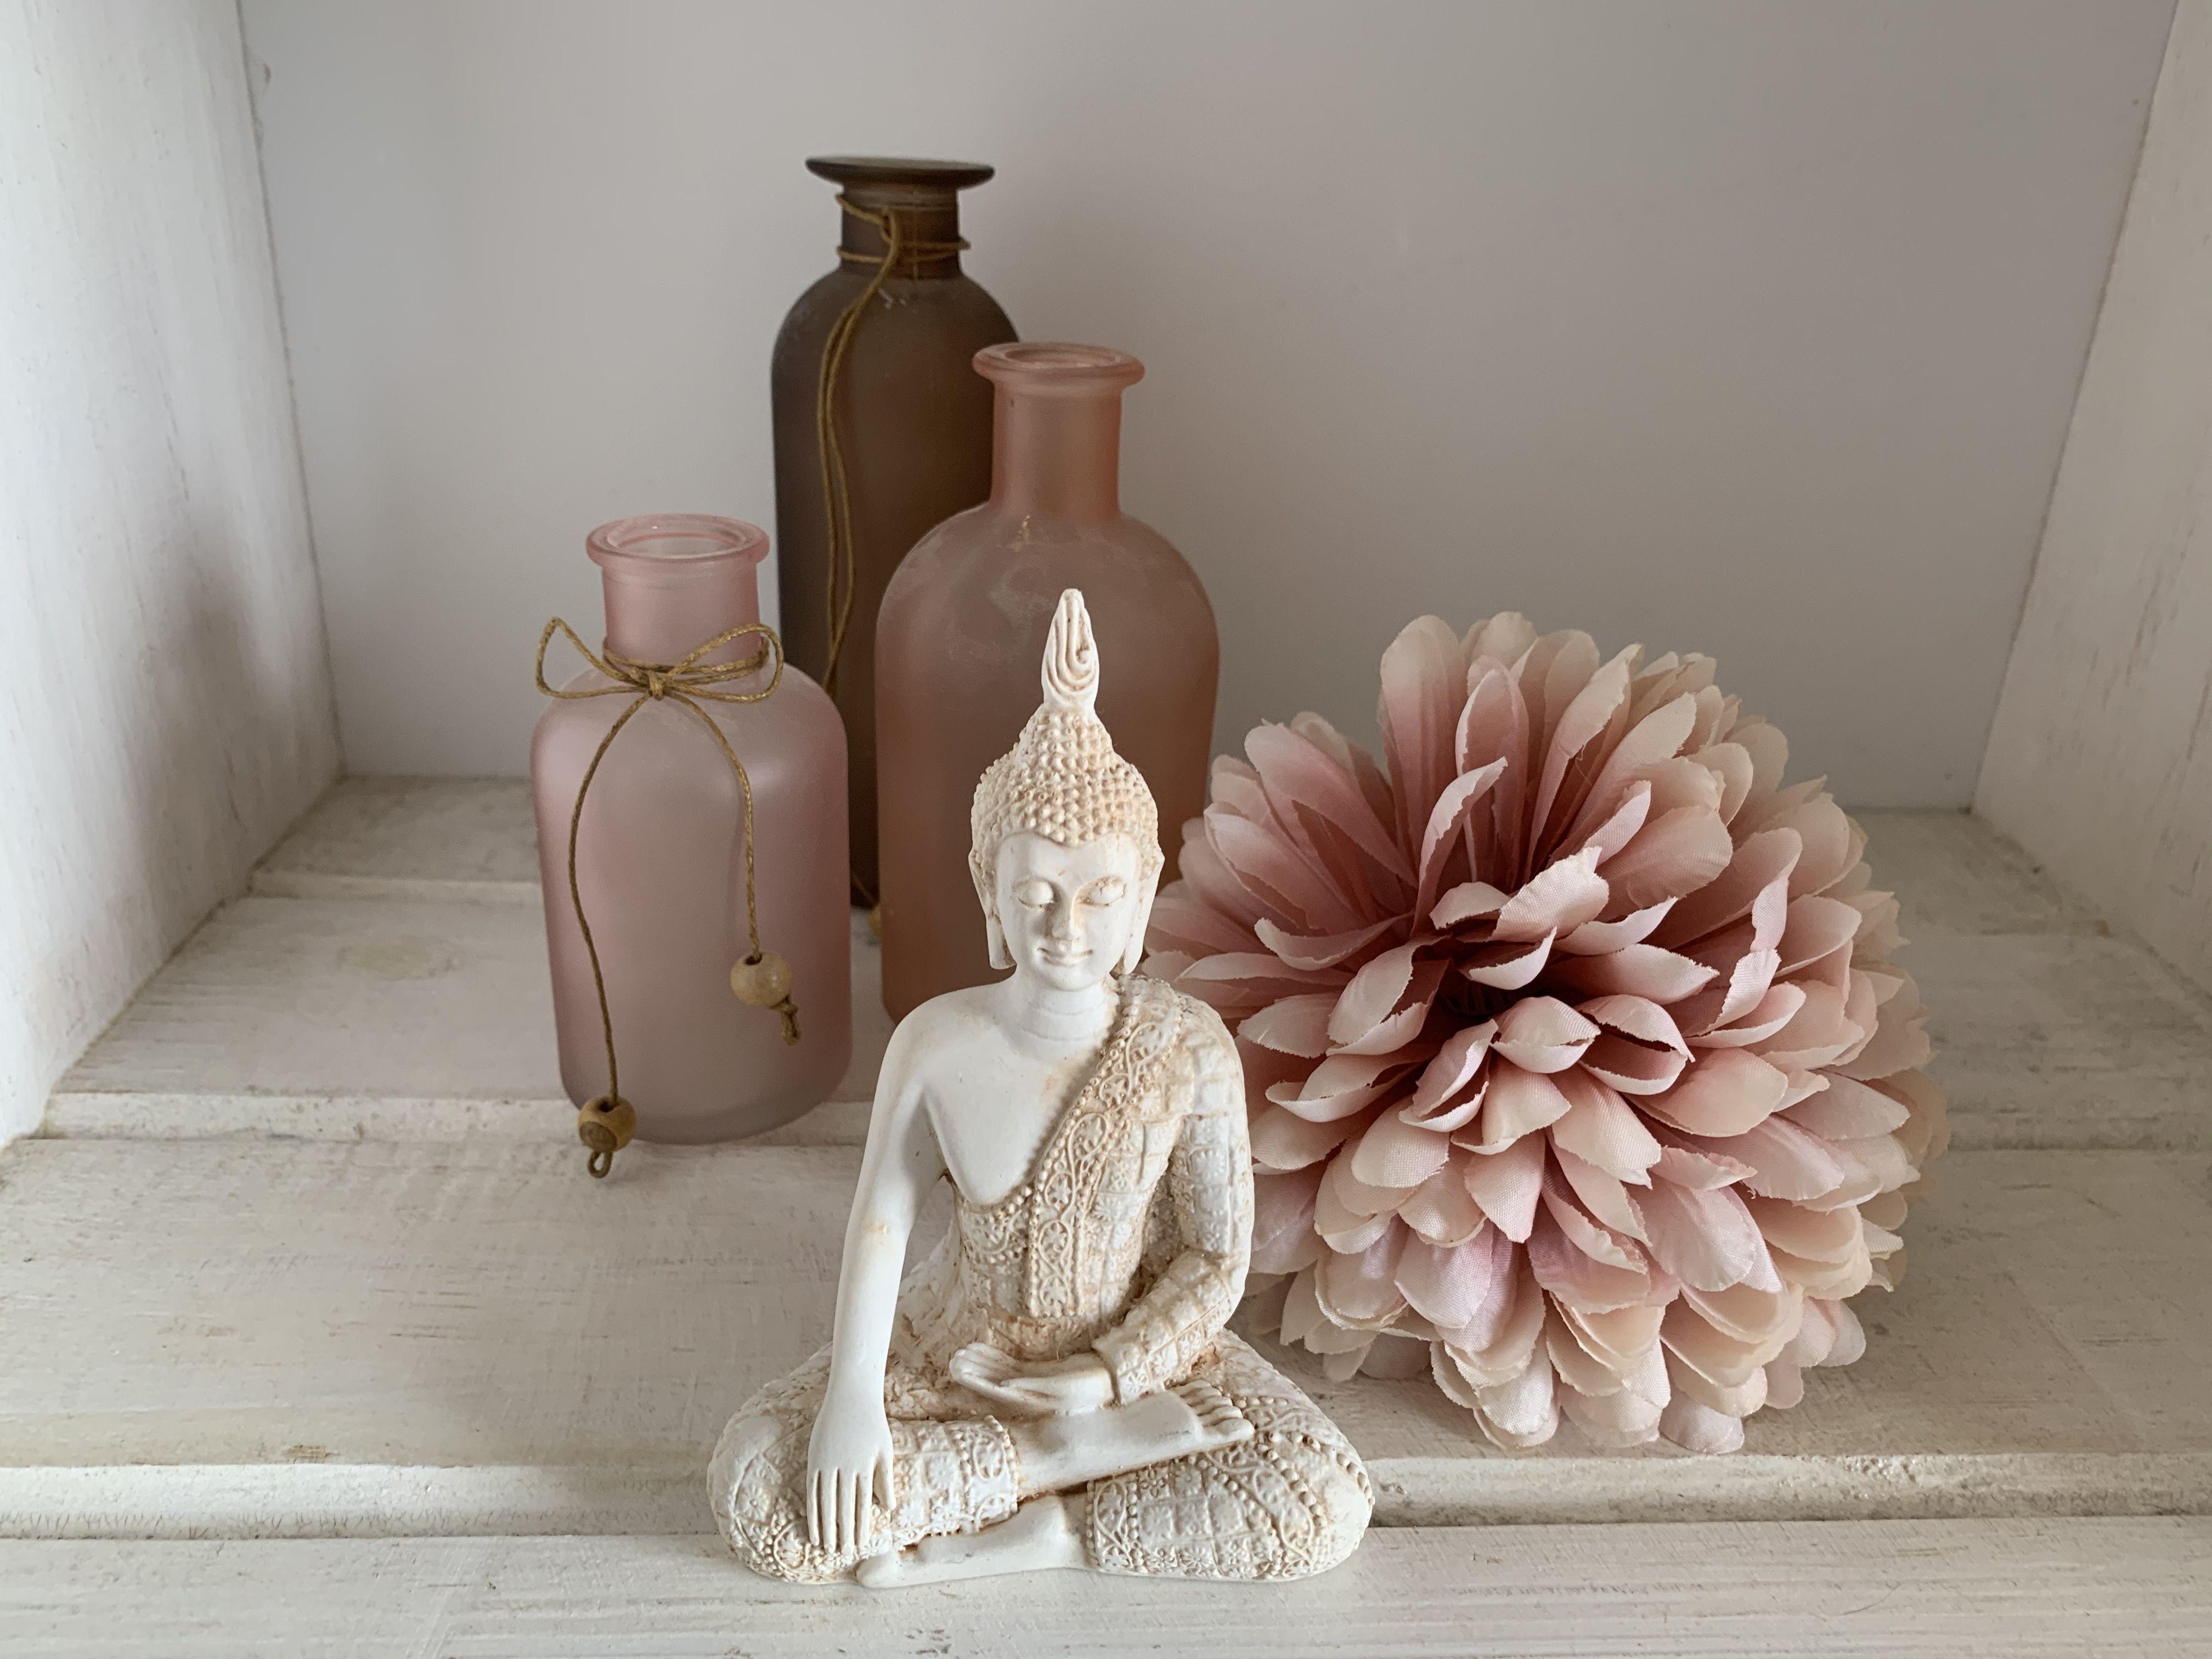 #buddha #buddhas #buddhists #buddhism #zen # zen gardens #zen garden #buddhastatue #buddhastatues